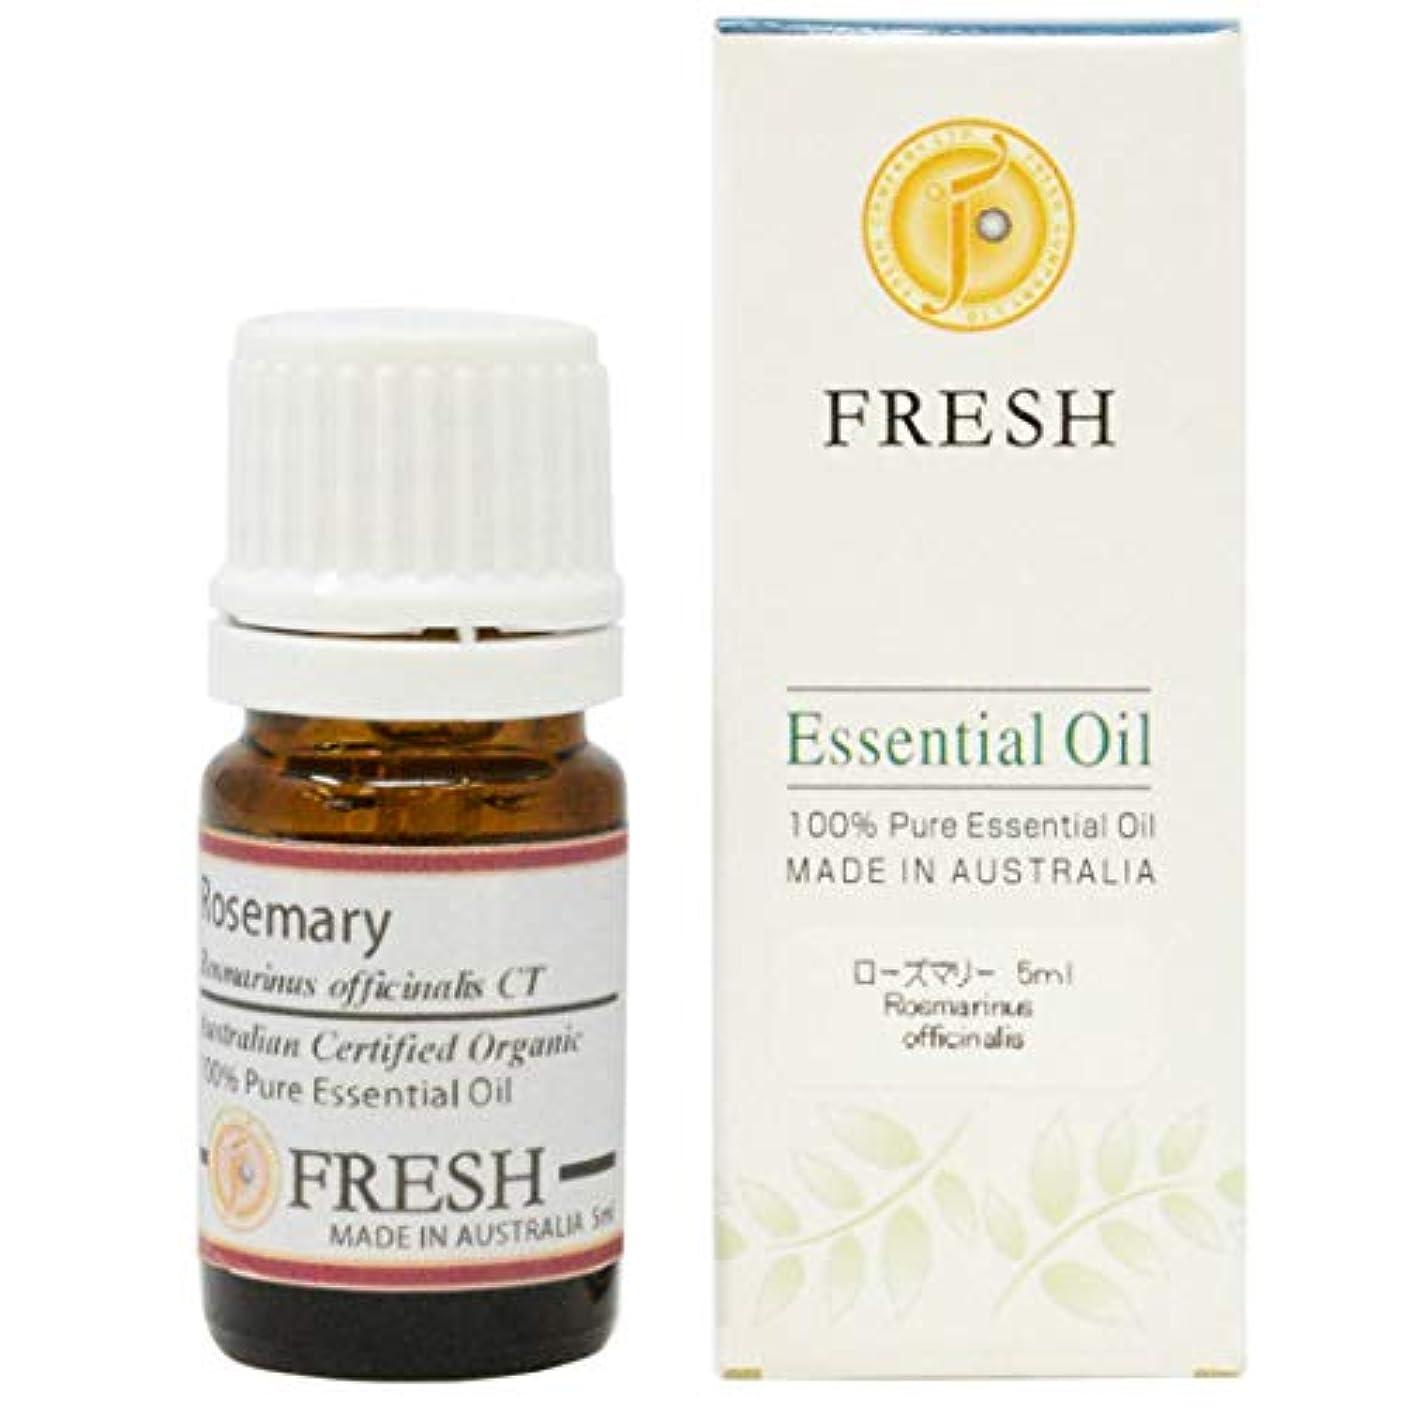 ラッチなめるに頼るFRESH オーガニック エッセンシャルオイル ローズマリー 5ml (FRESH 精油)